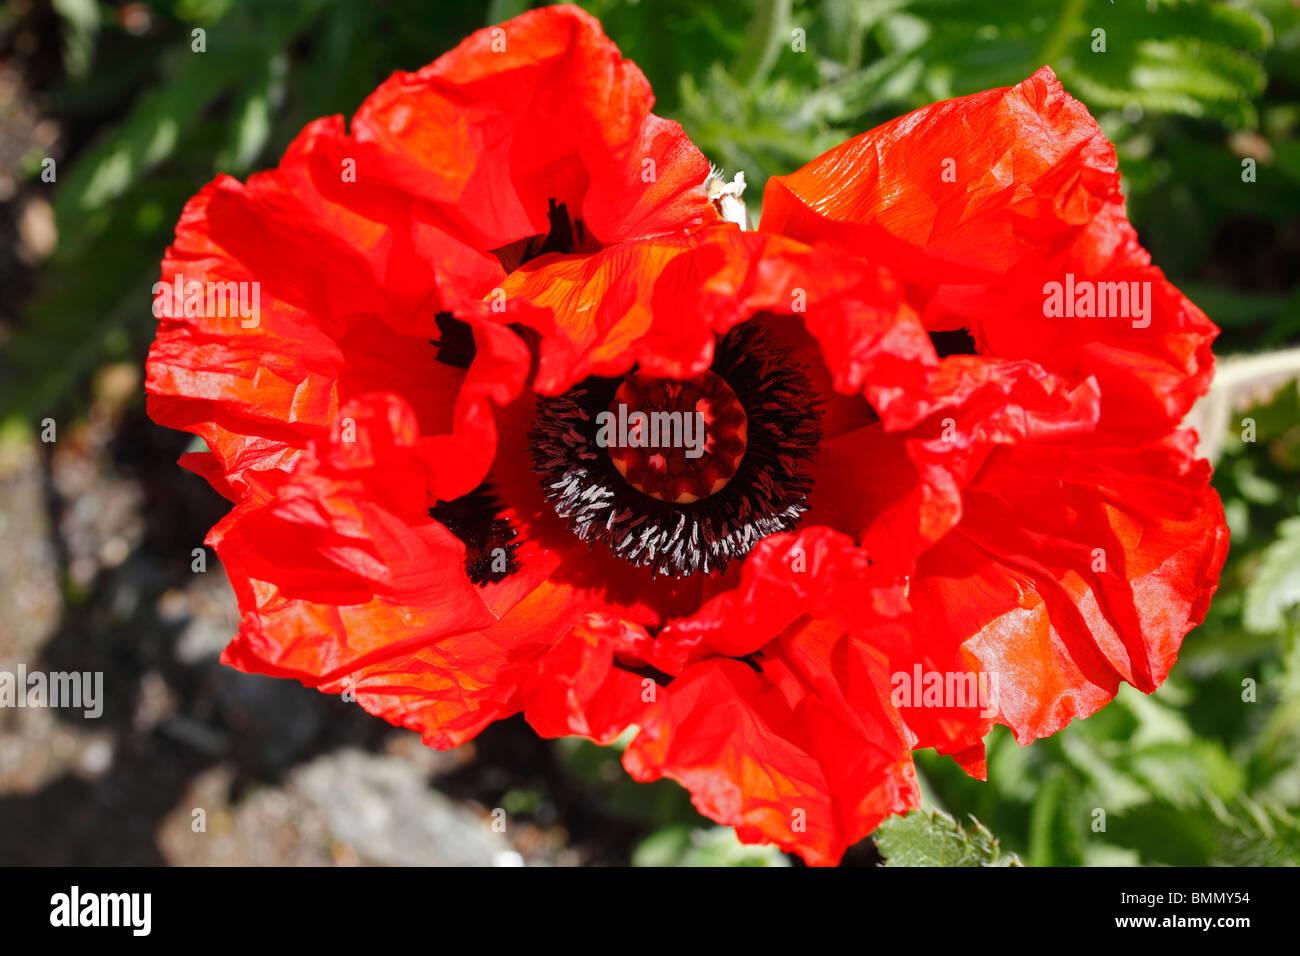 Orintal papavero (Papaver orientale Allegro) close up di fiore Immagini Stock